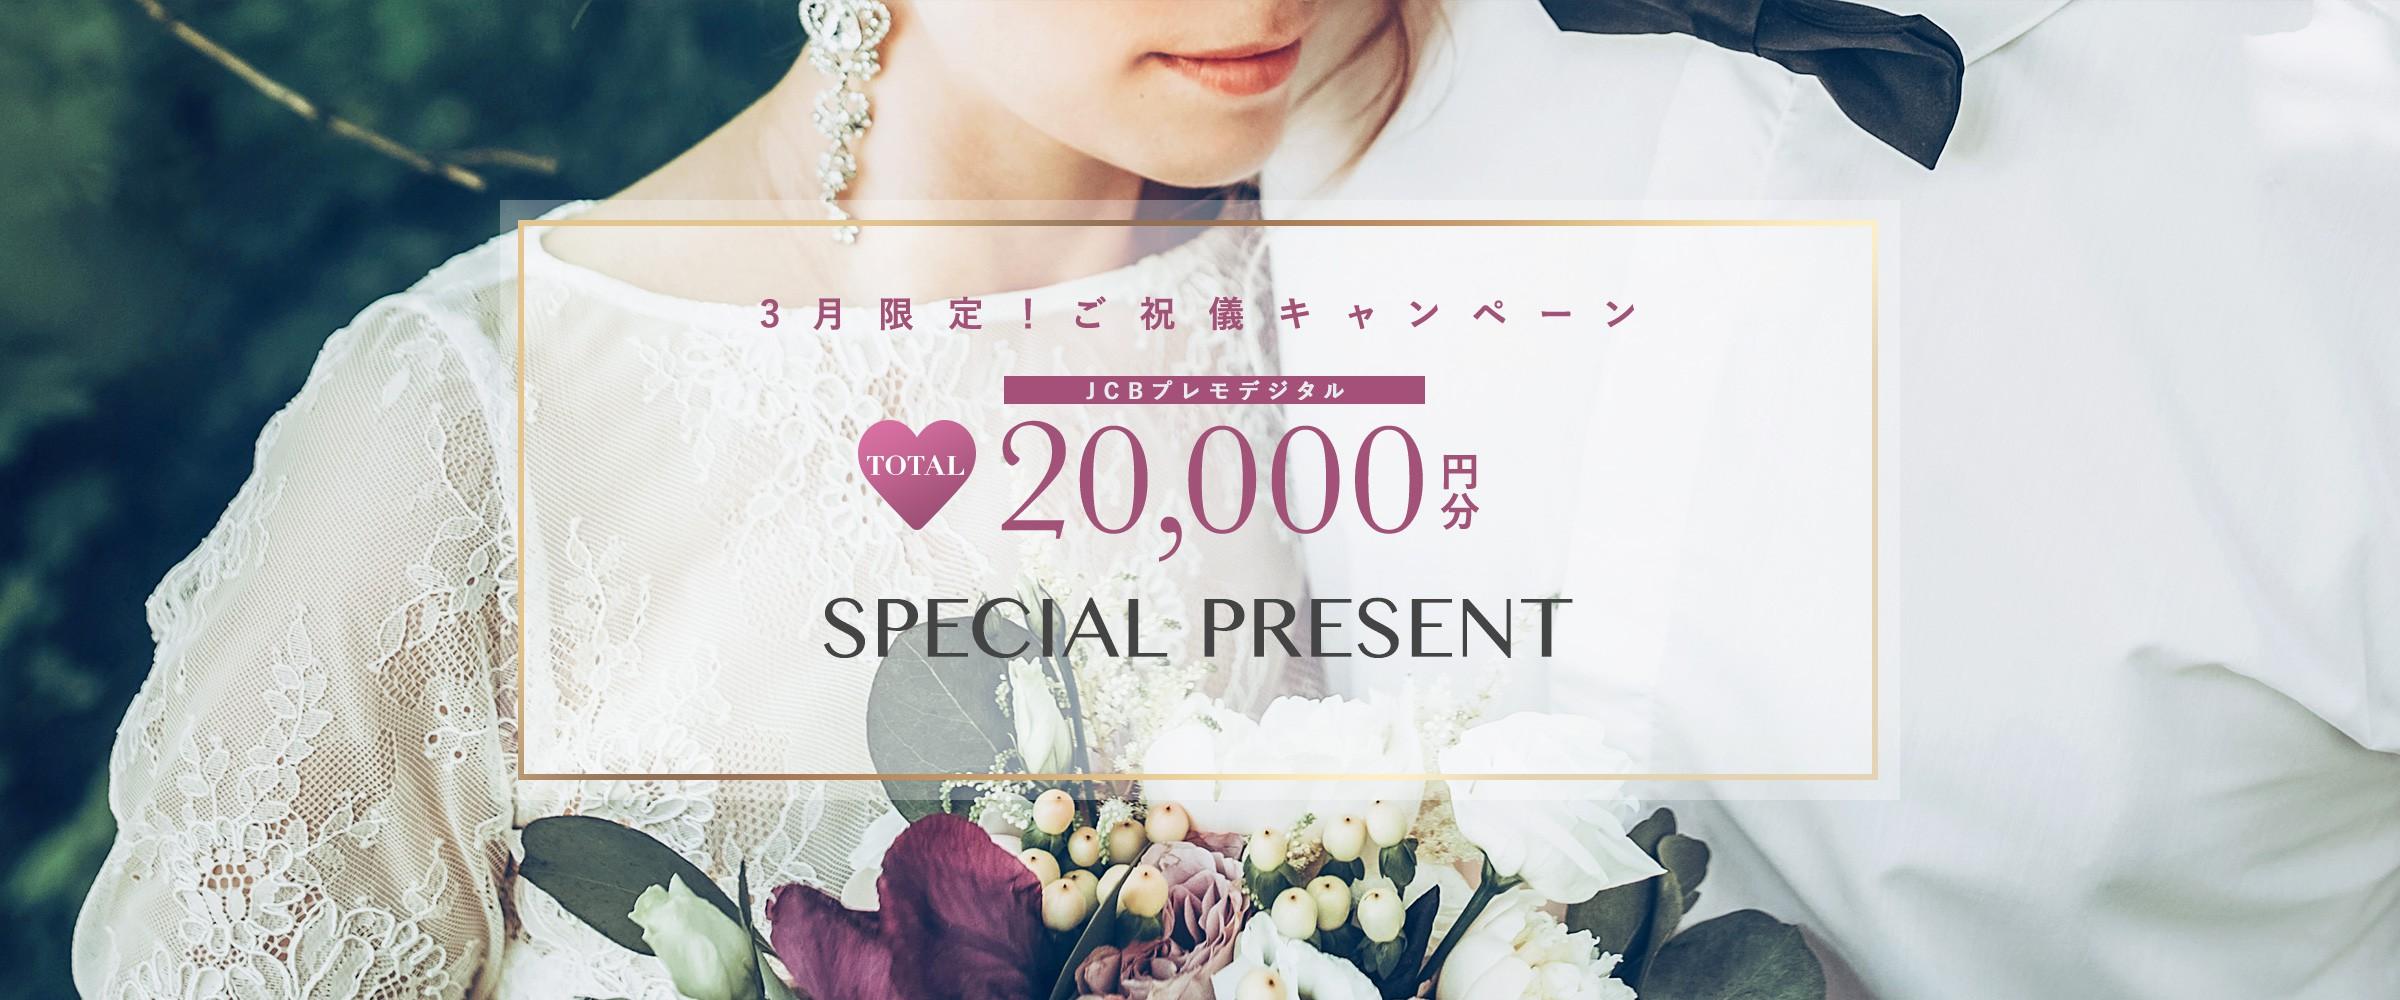 3月限定!ご祝儀キャンペーン最大20,000分JCBプレモデジタルSPECIAL PRESENT